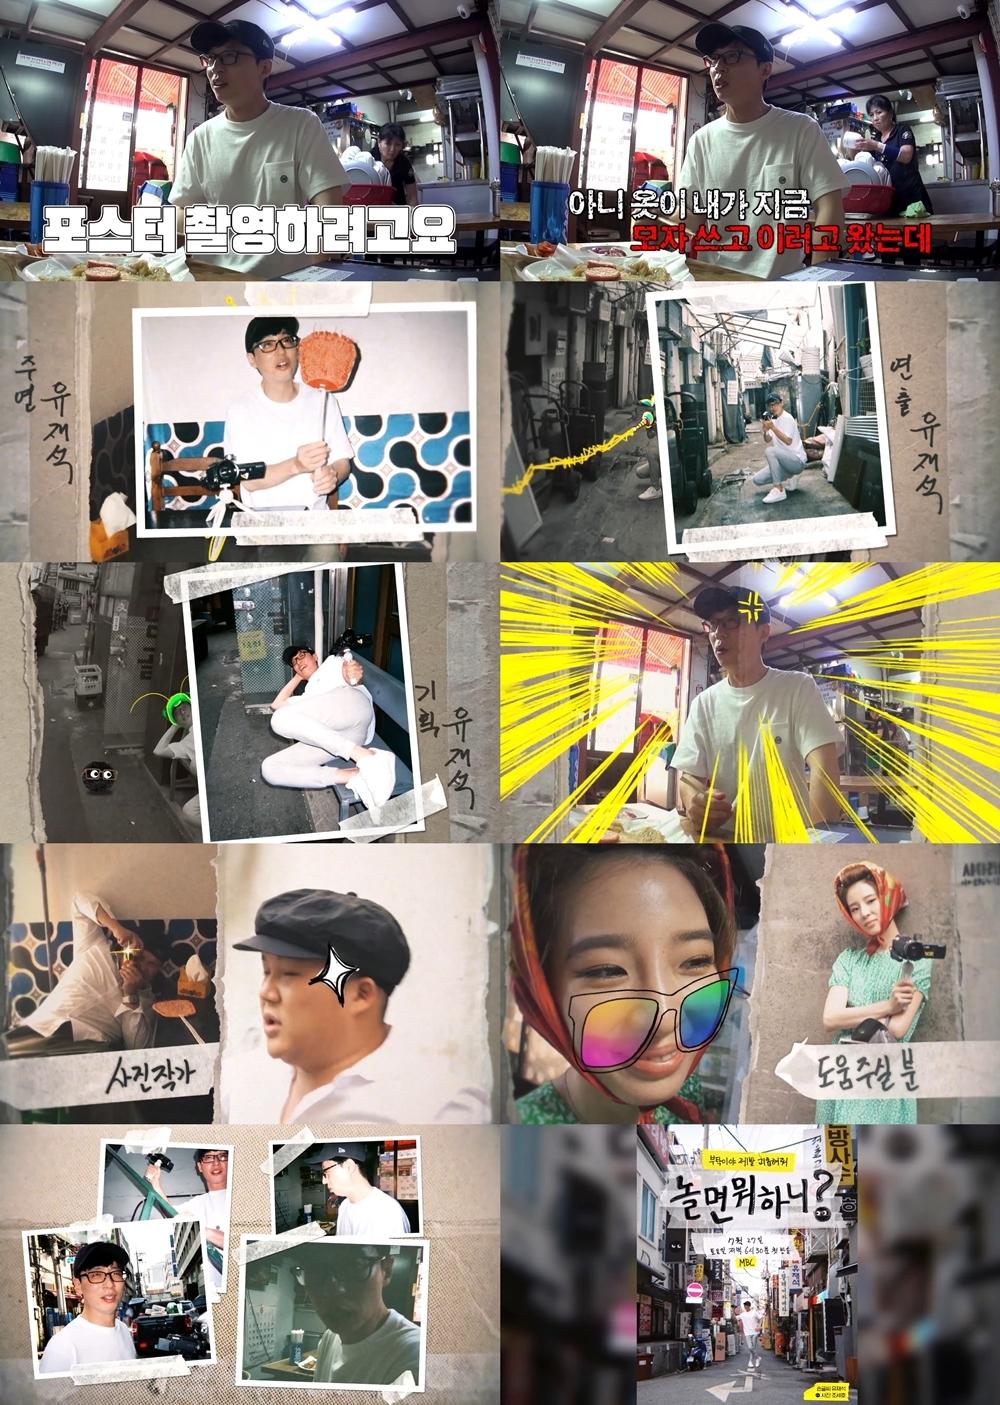 유재석, 레트로 감성 포스터 제작기 (ft. 조세호-아이린)